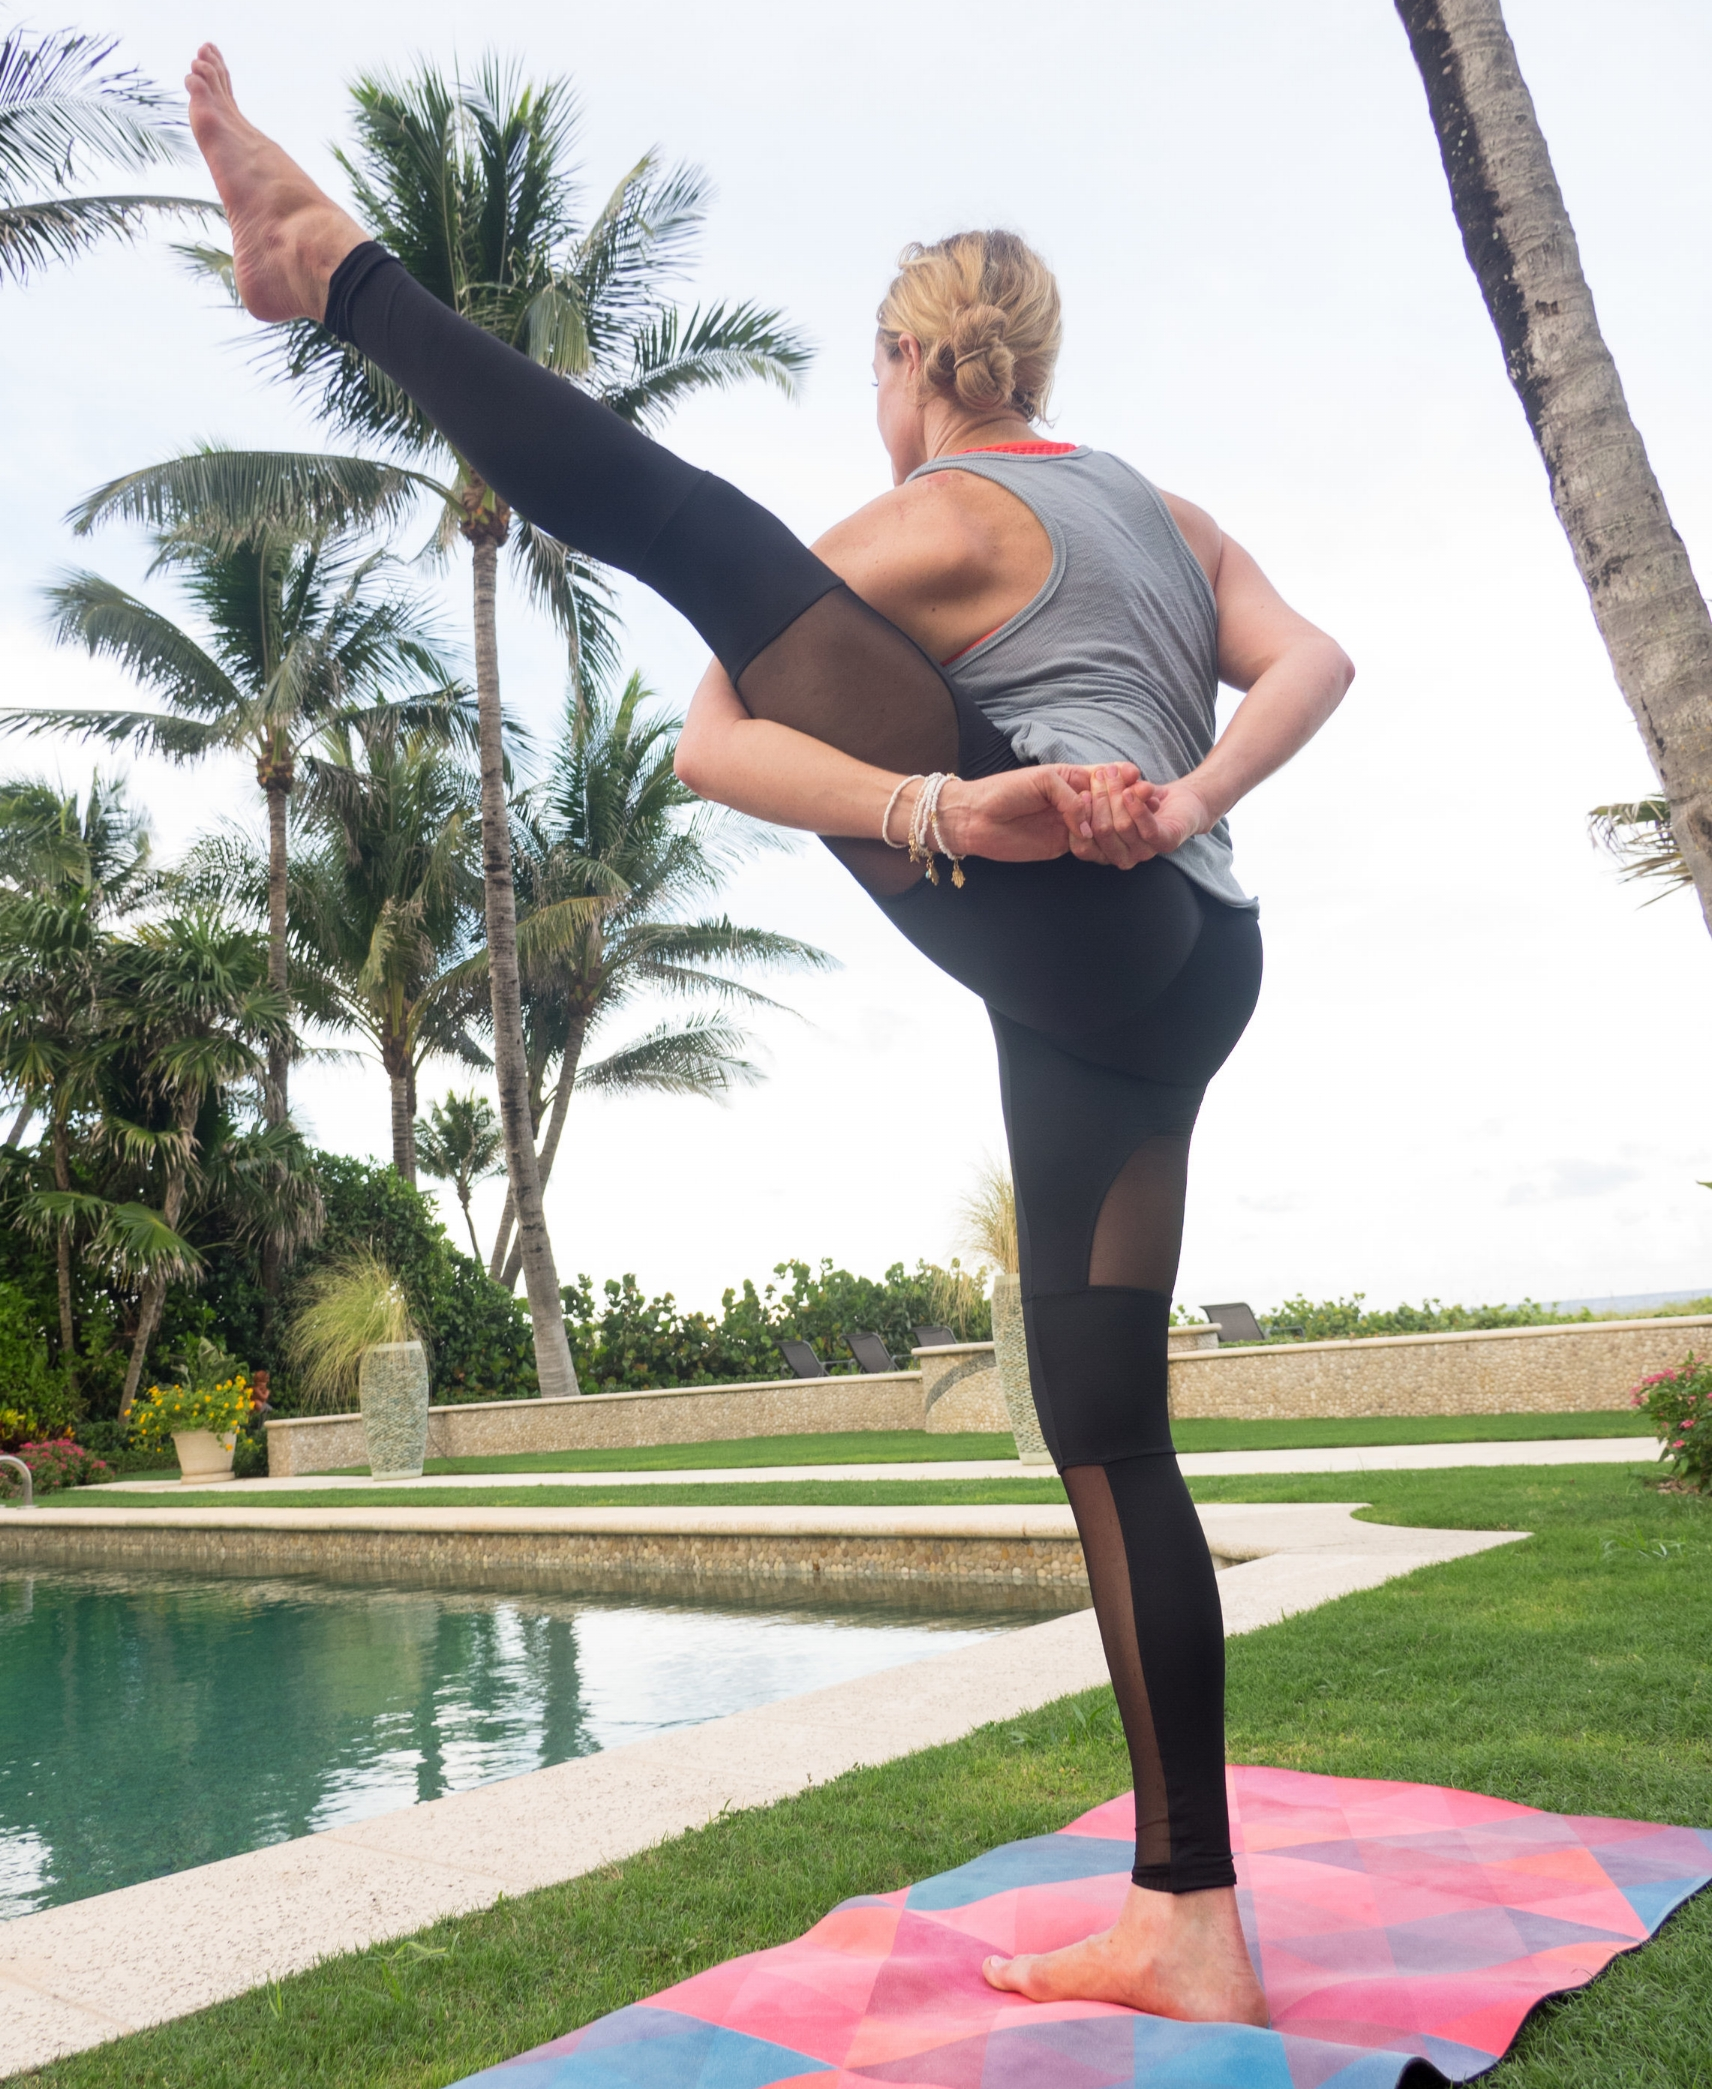 Bracelets-->  Jewelry Yoga    Yoga Mat-->  Zura Yoga    Apparel-->  Onzie  &  Free People